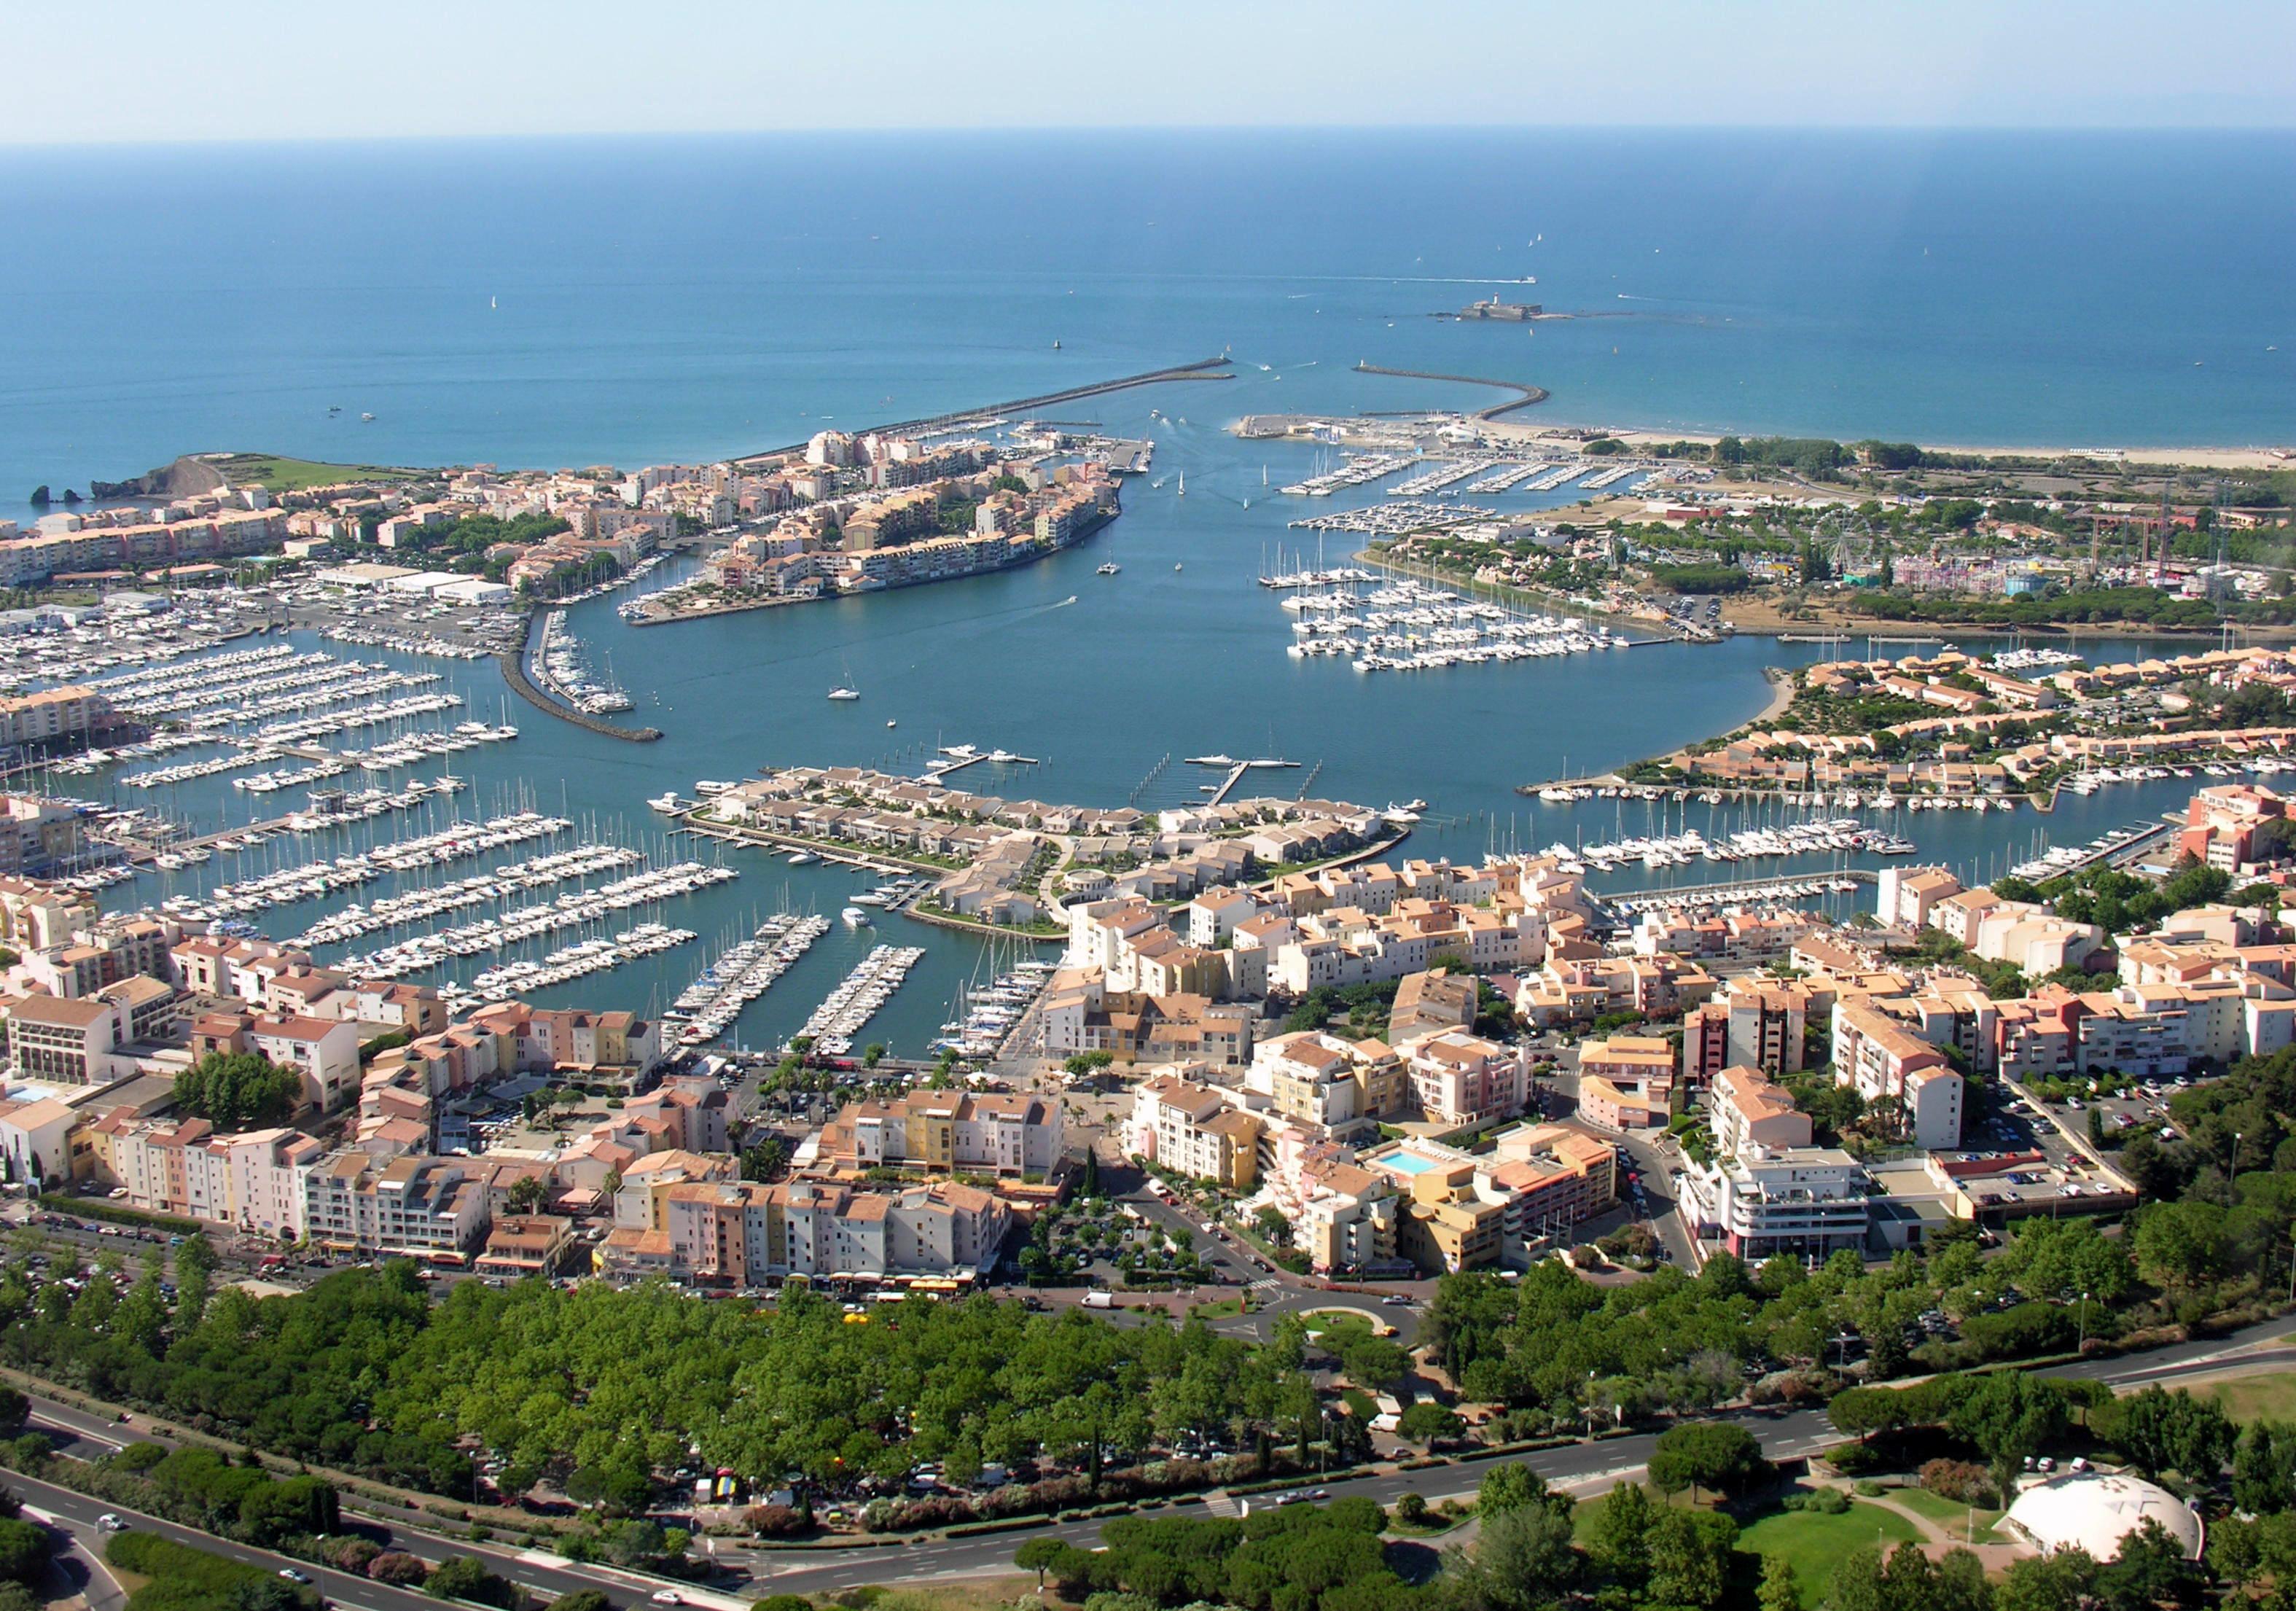 Vue aérienne du Cap-d'Agde - Le port